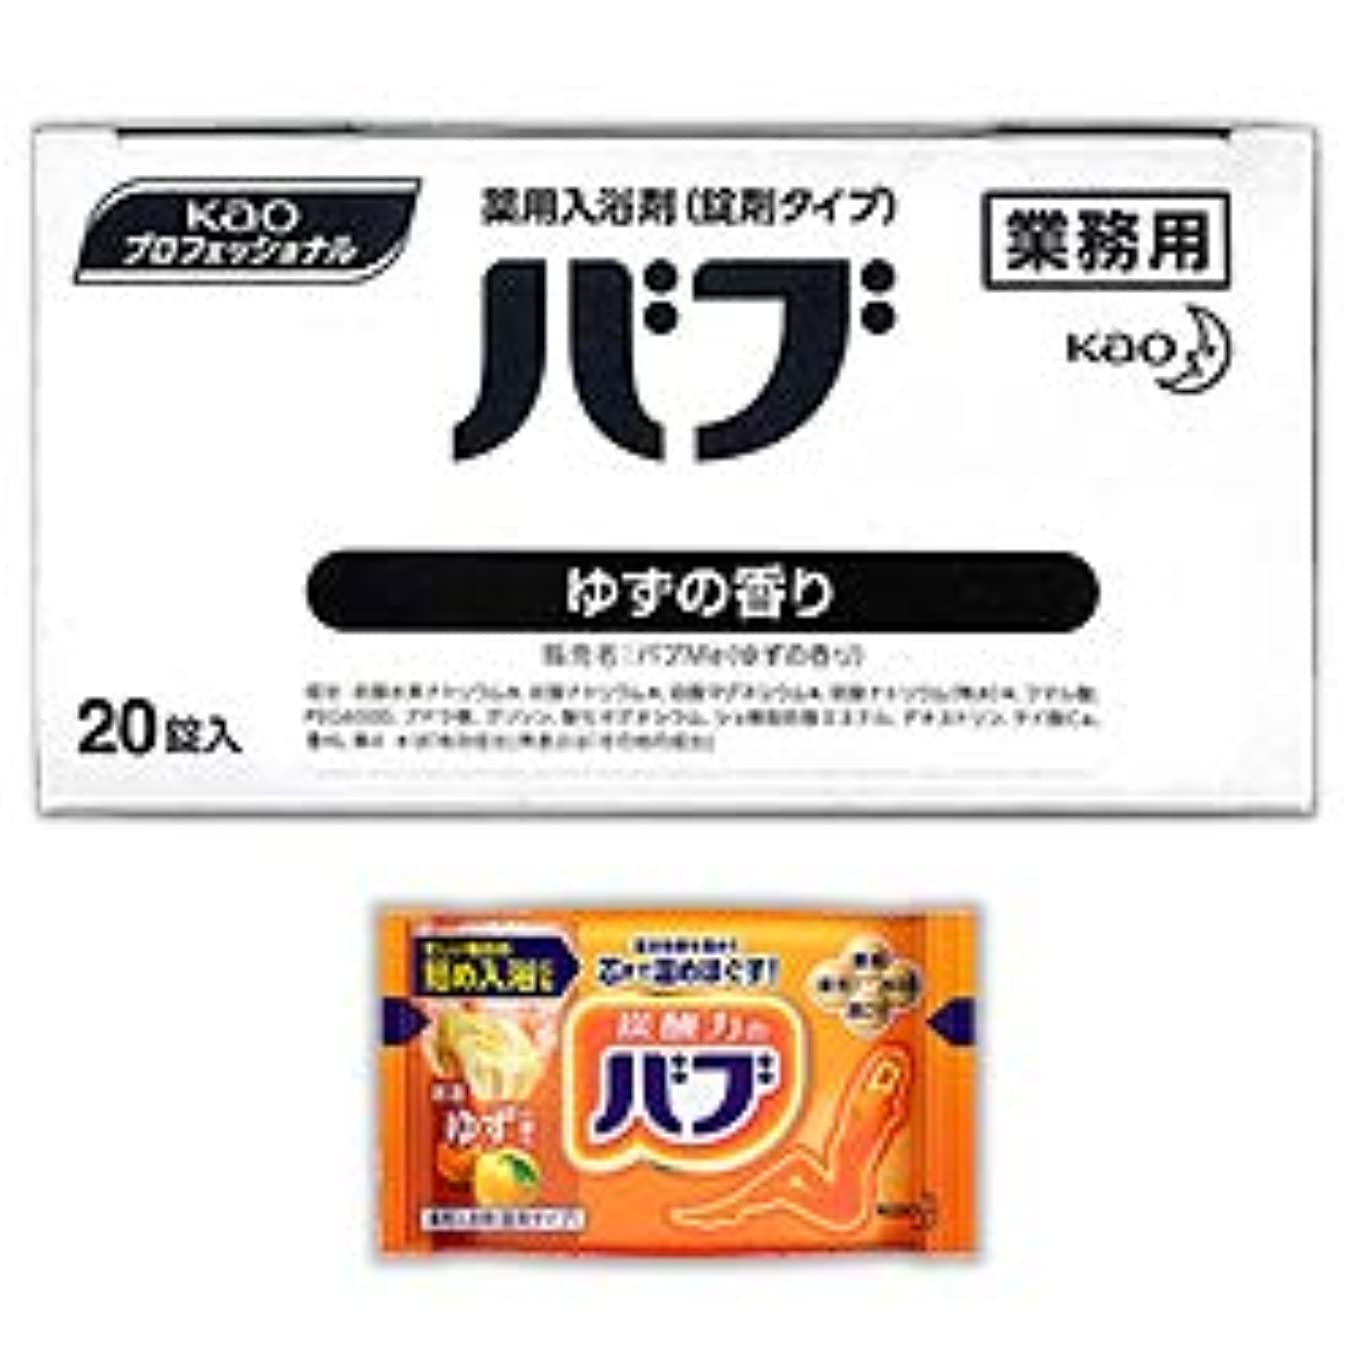 アンケート対応するトランク【花王】Kaoプロフェッショナル バブ ゆずの香り(業務用) 40g×20錠入 ×2個セット